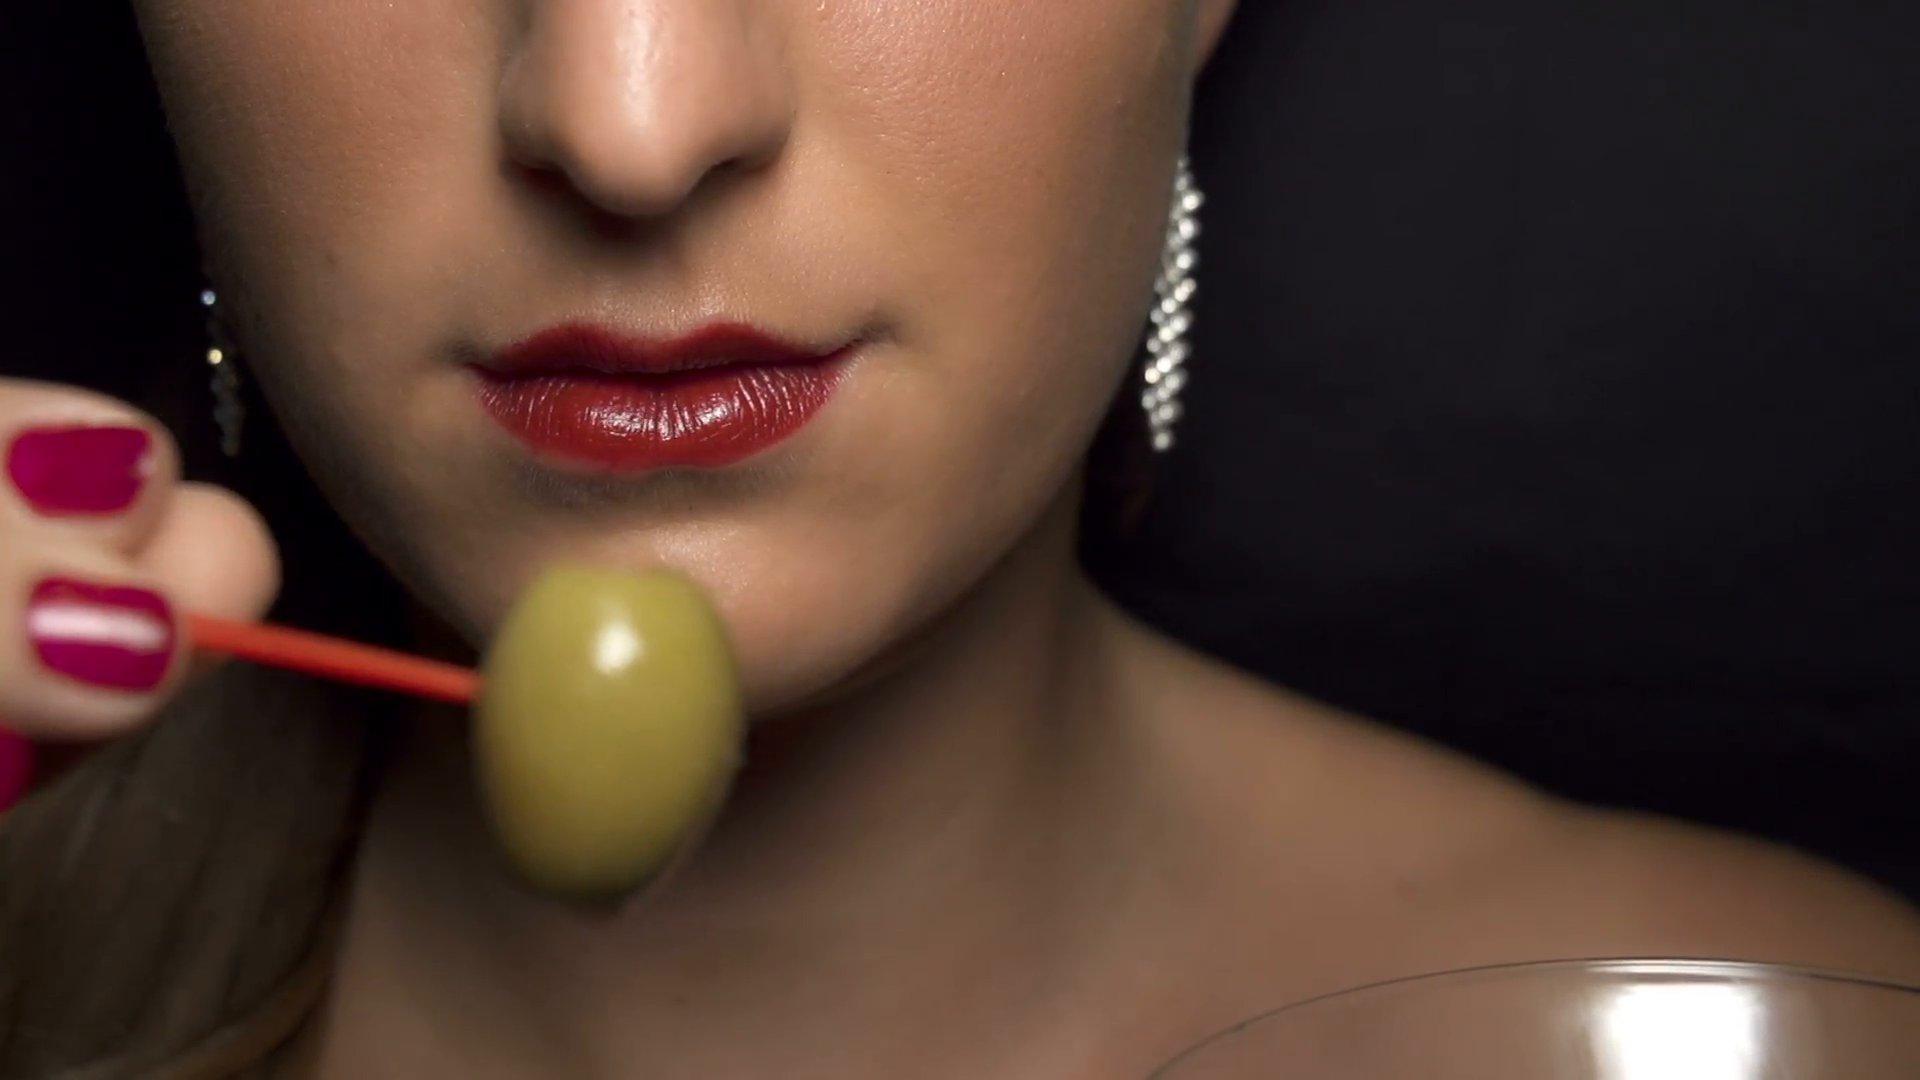 slow motion eating olive from martini glass nk2msewbl  f0002.png?resize=412,232 - Se você gosta de comer azeitonas ou chocolate amargo, é um sinal de que está ficando VELHO